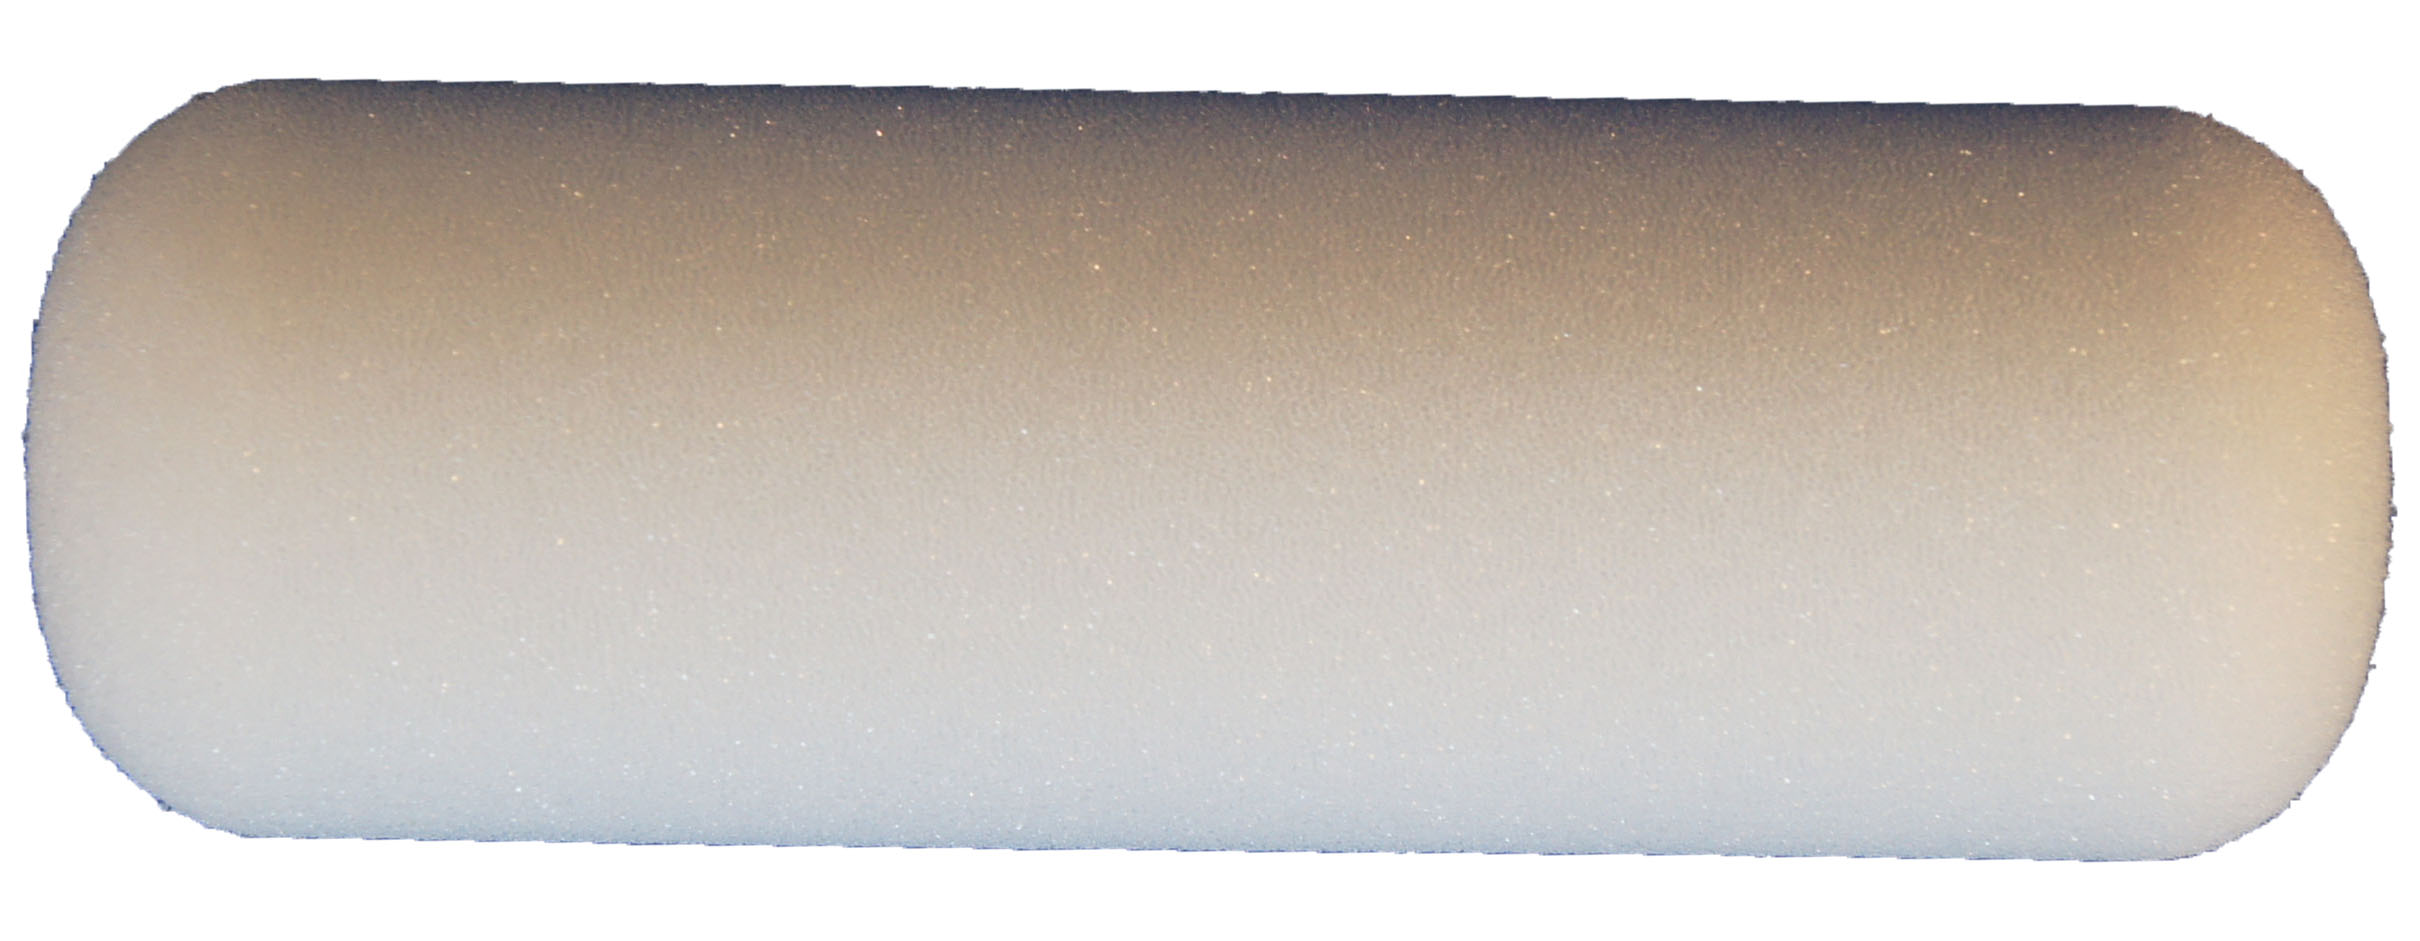 Fitex – Schuimroller super-fijn beide zijden rond 10 cm